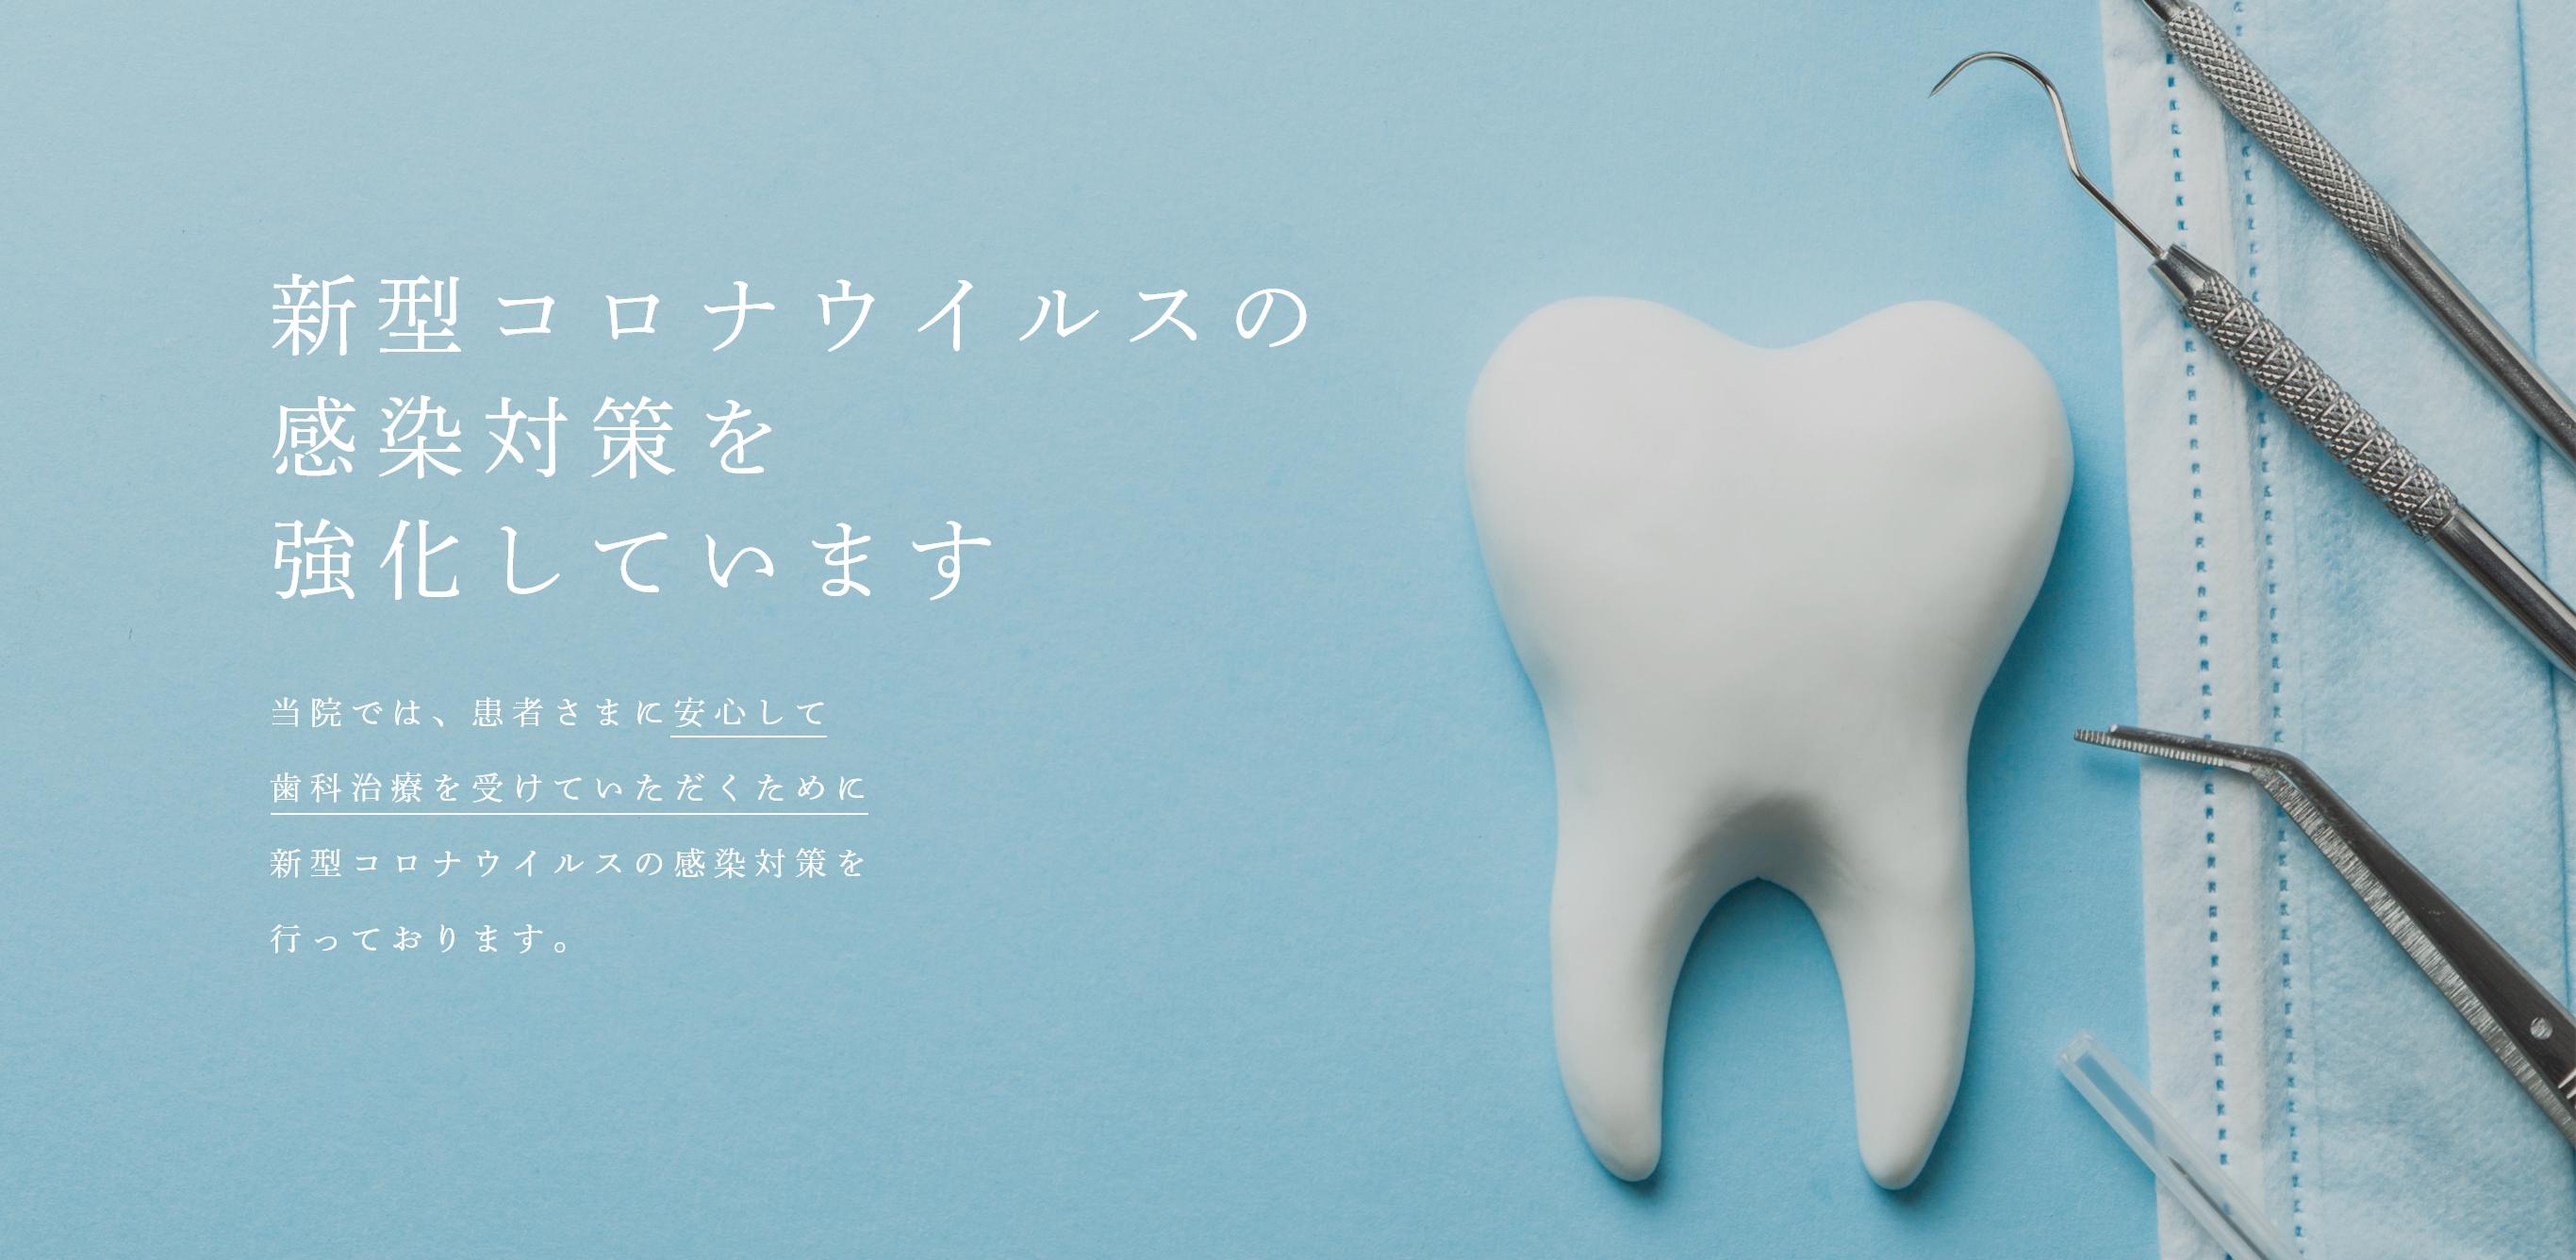 新型コロナウイルスの感染対策を強化しています当院では、患者さまに安心して歯科治療を受けていただくために新型コロナウイルスの感染対策を行っております。